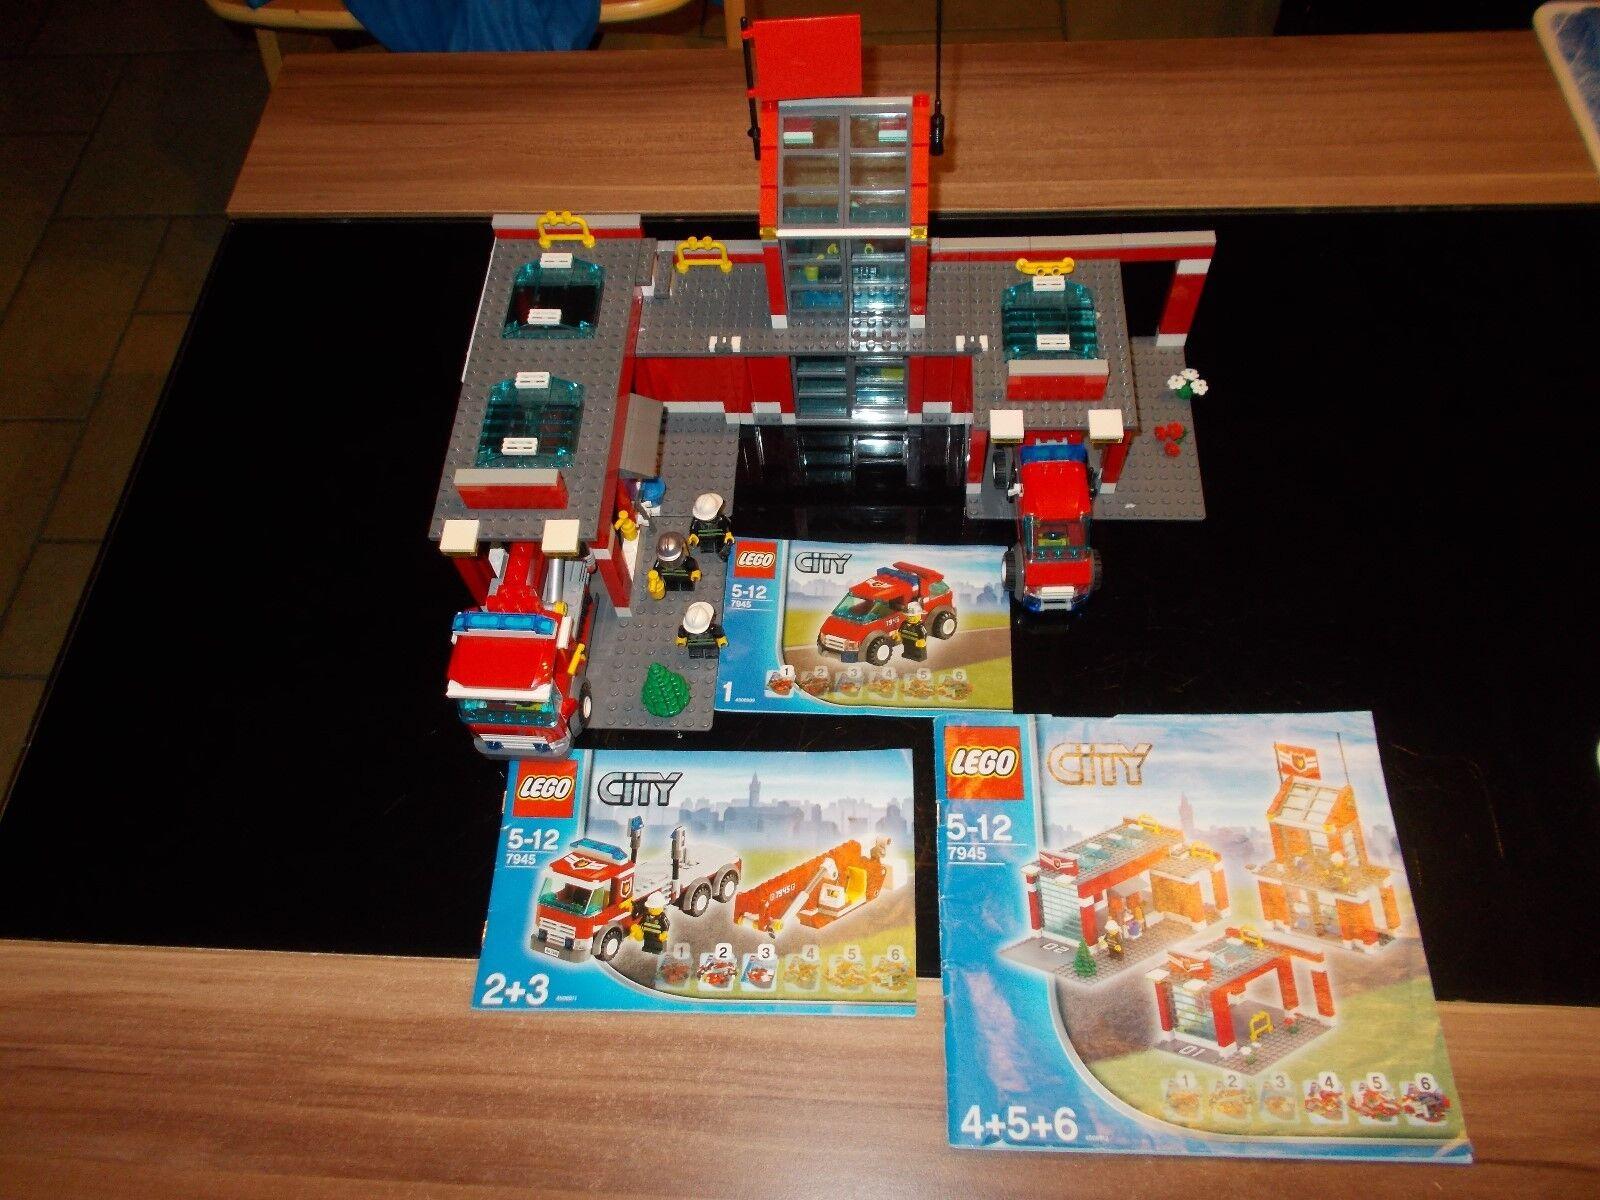 LEGO ® CITY pompiers - 7945-Pompiers Station avec de recette (BA)